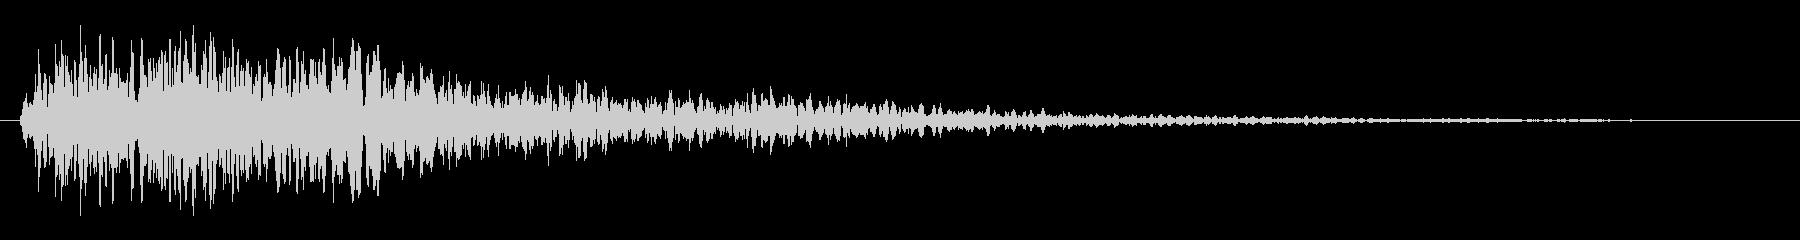 ズギャーン(危険を伝える警告音)の未再生の波形